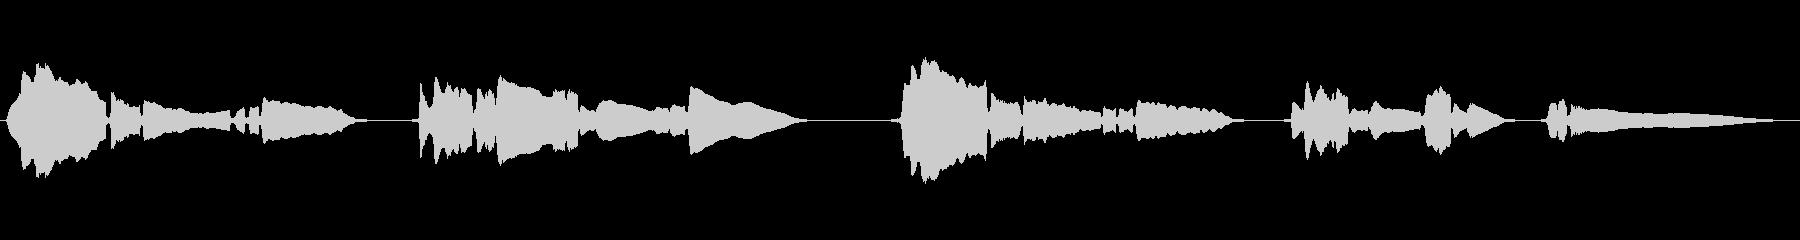 せつないメロディ―をサックスが奏でますの未再生の波形